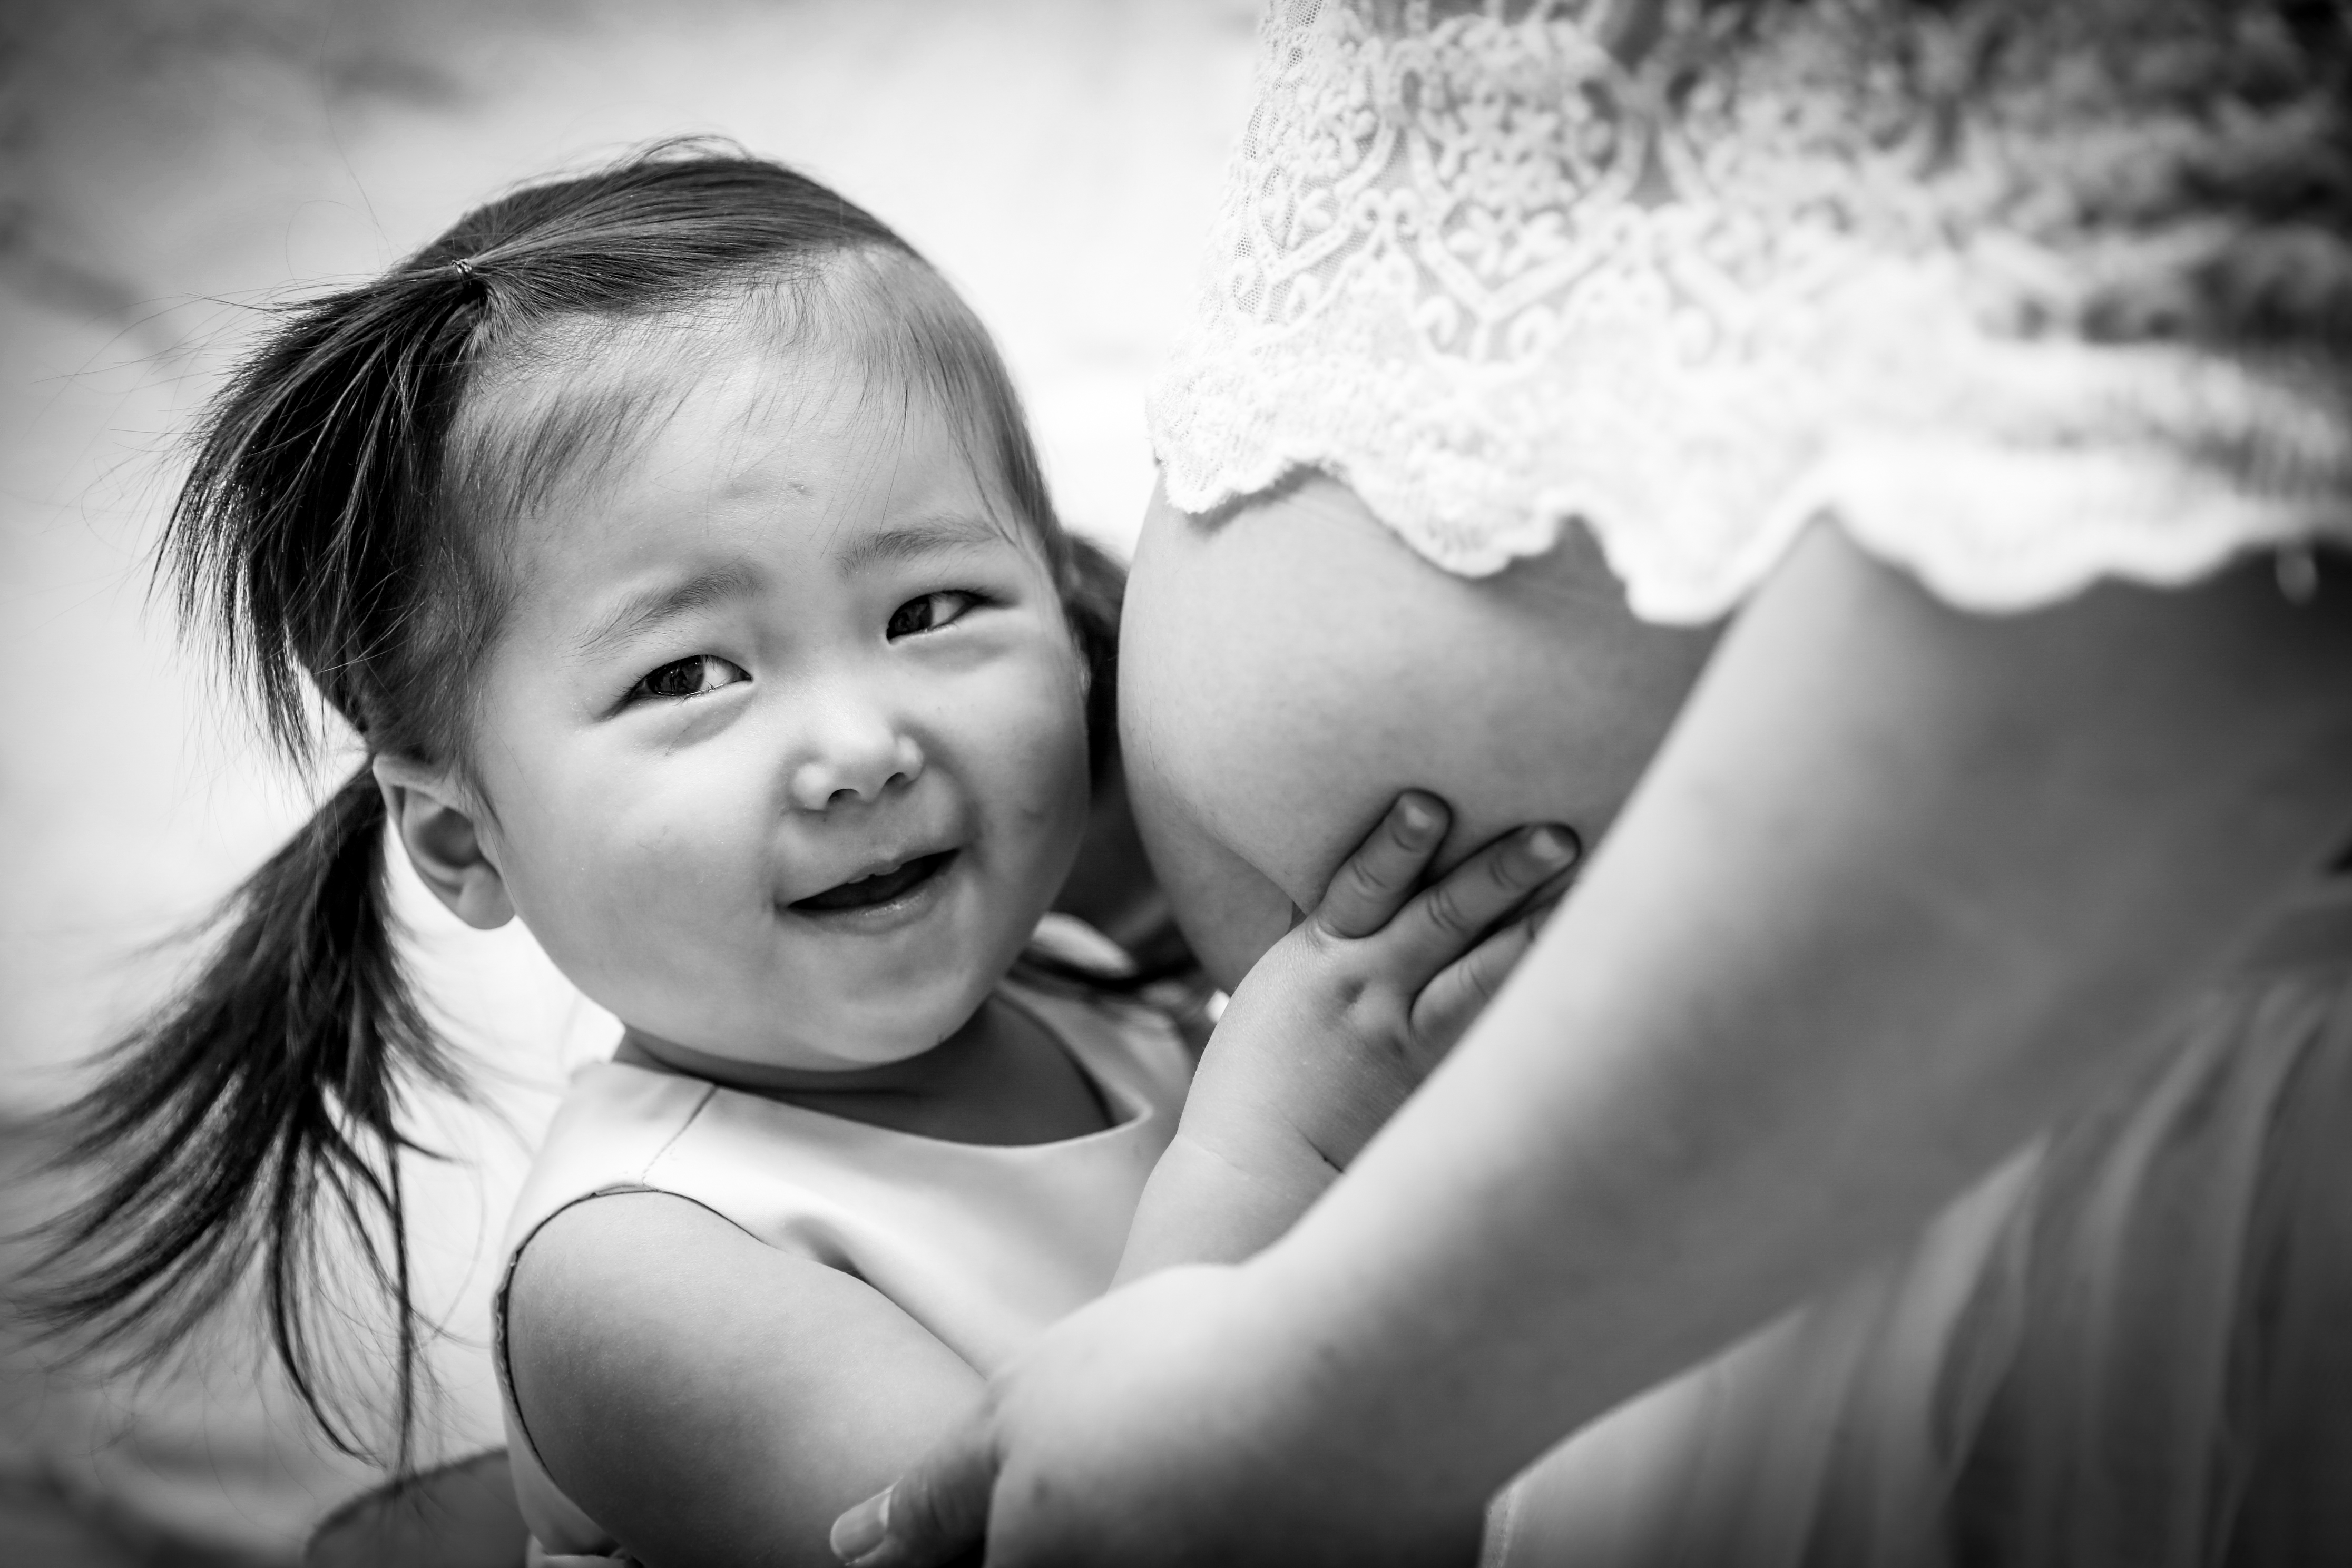 【マタニティ&入園記念】ママと1歳半の女の子